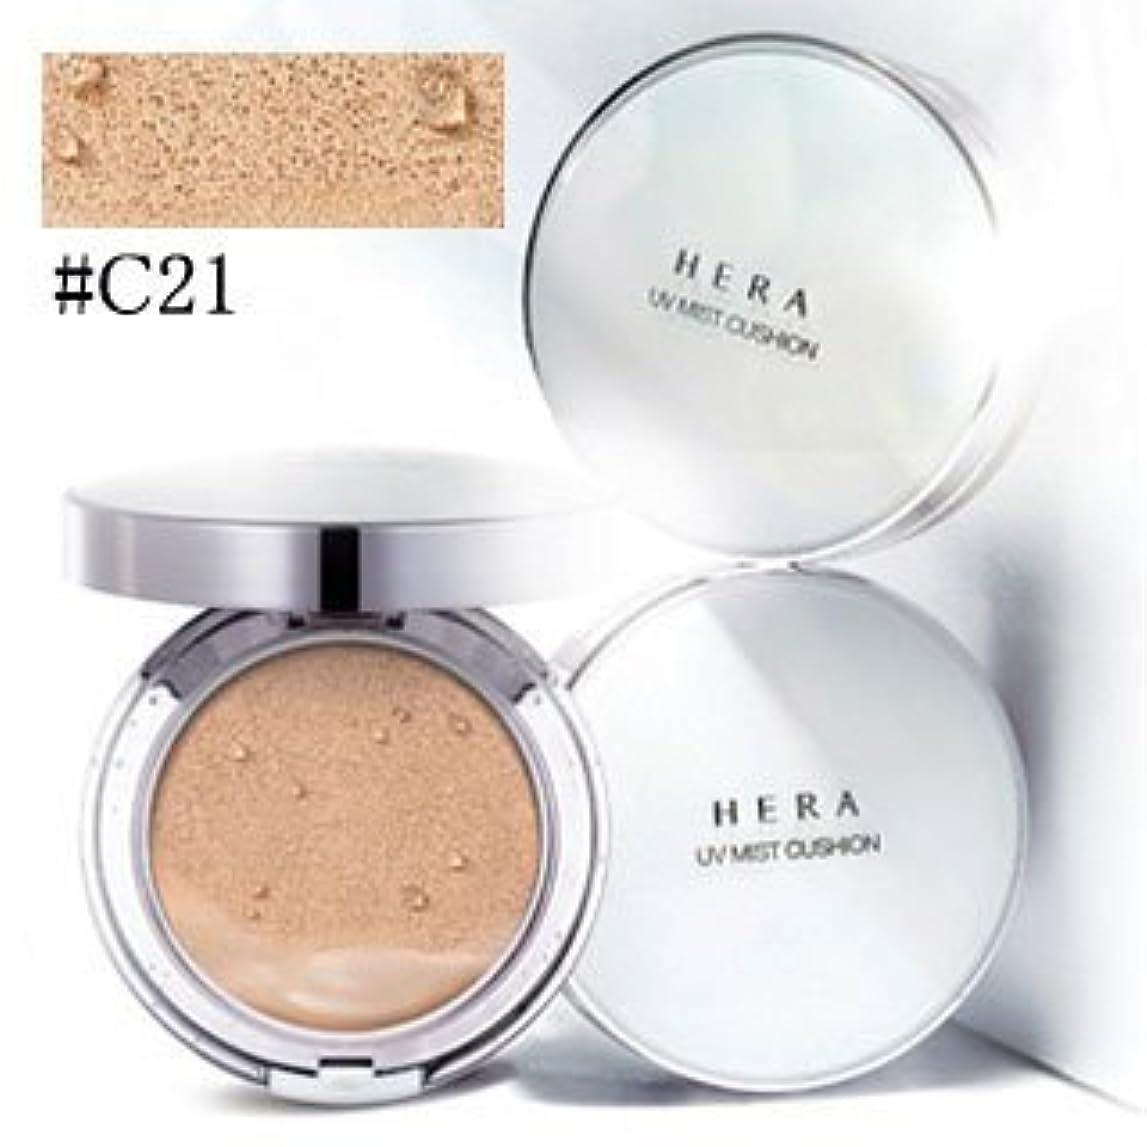 ヘラ(HERA) UV ミスト クッション #C21 COOL VANILLA COVER SPF 50+ / PA+++ 15g x 2[並行輸入品]